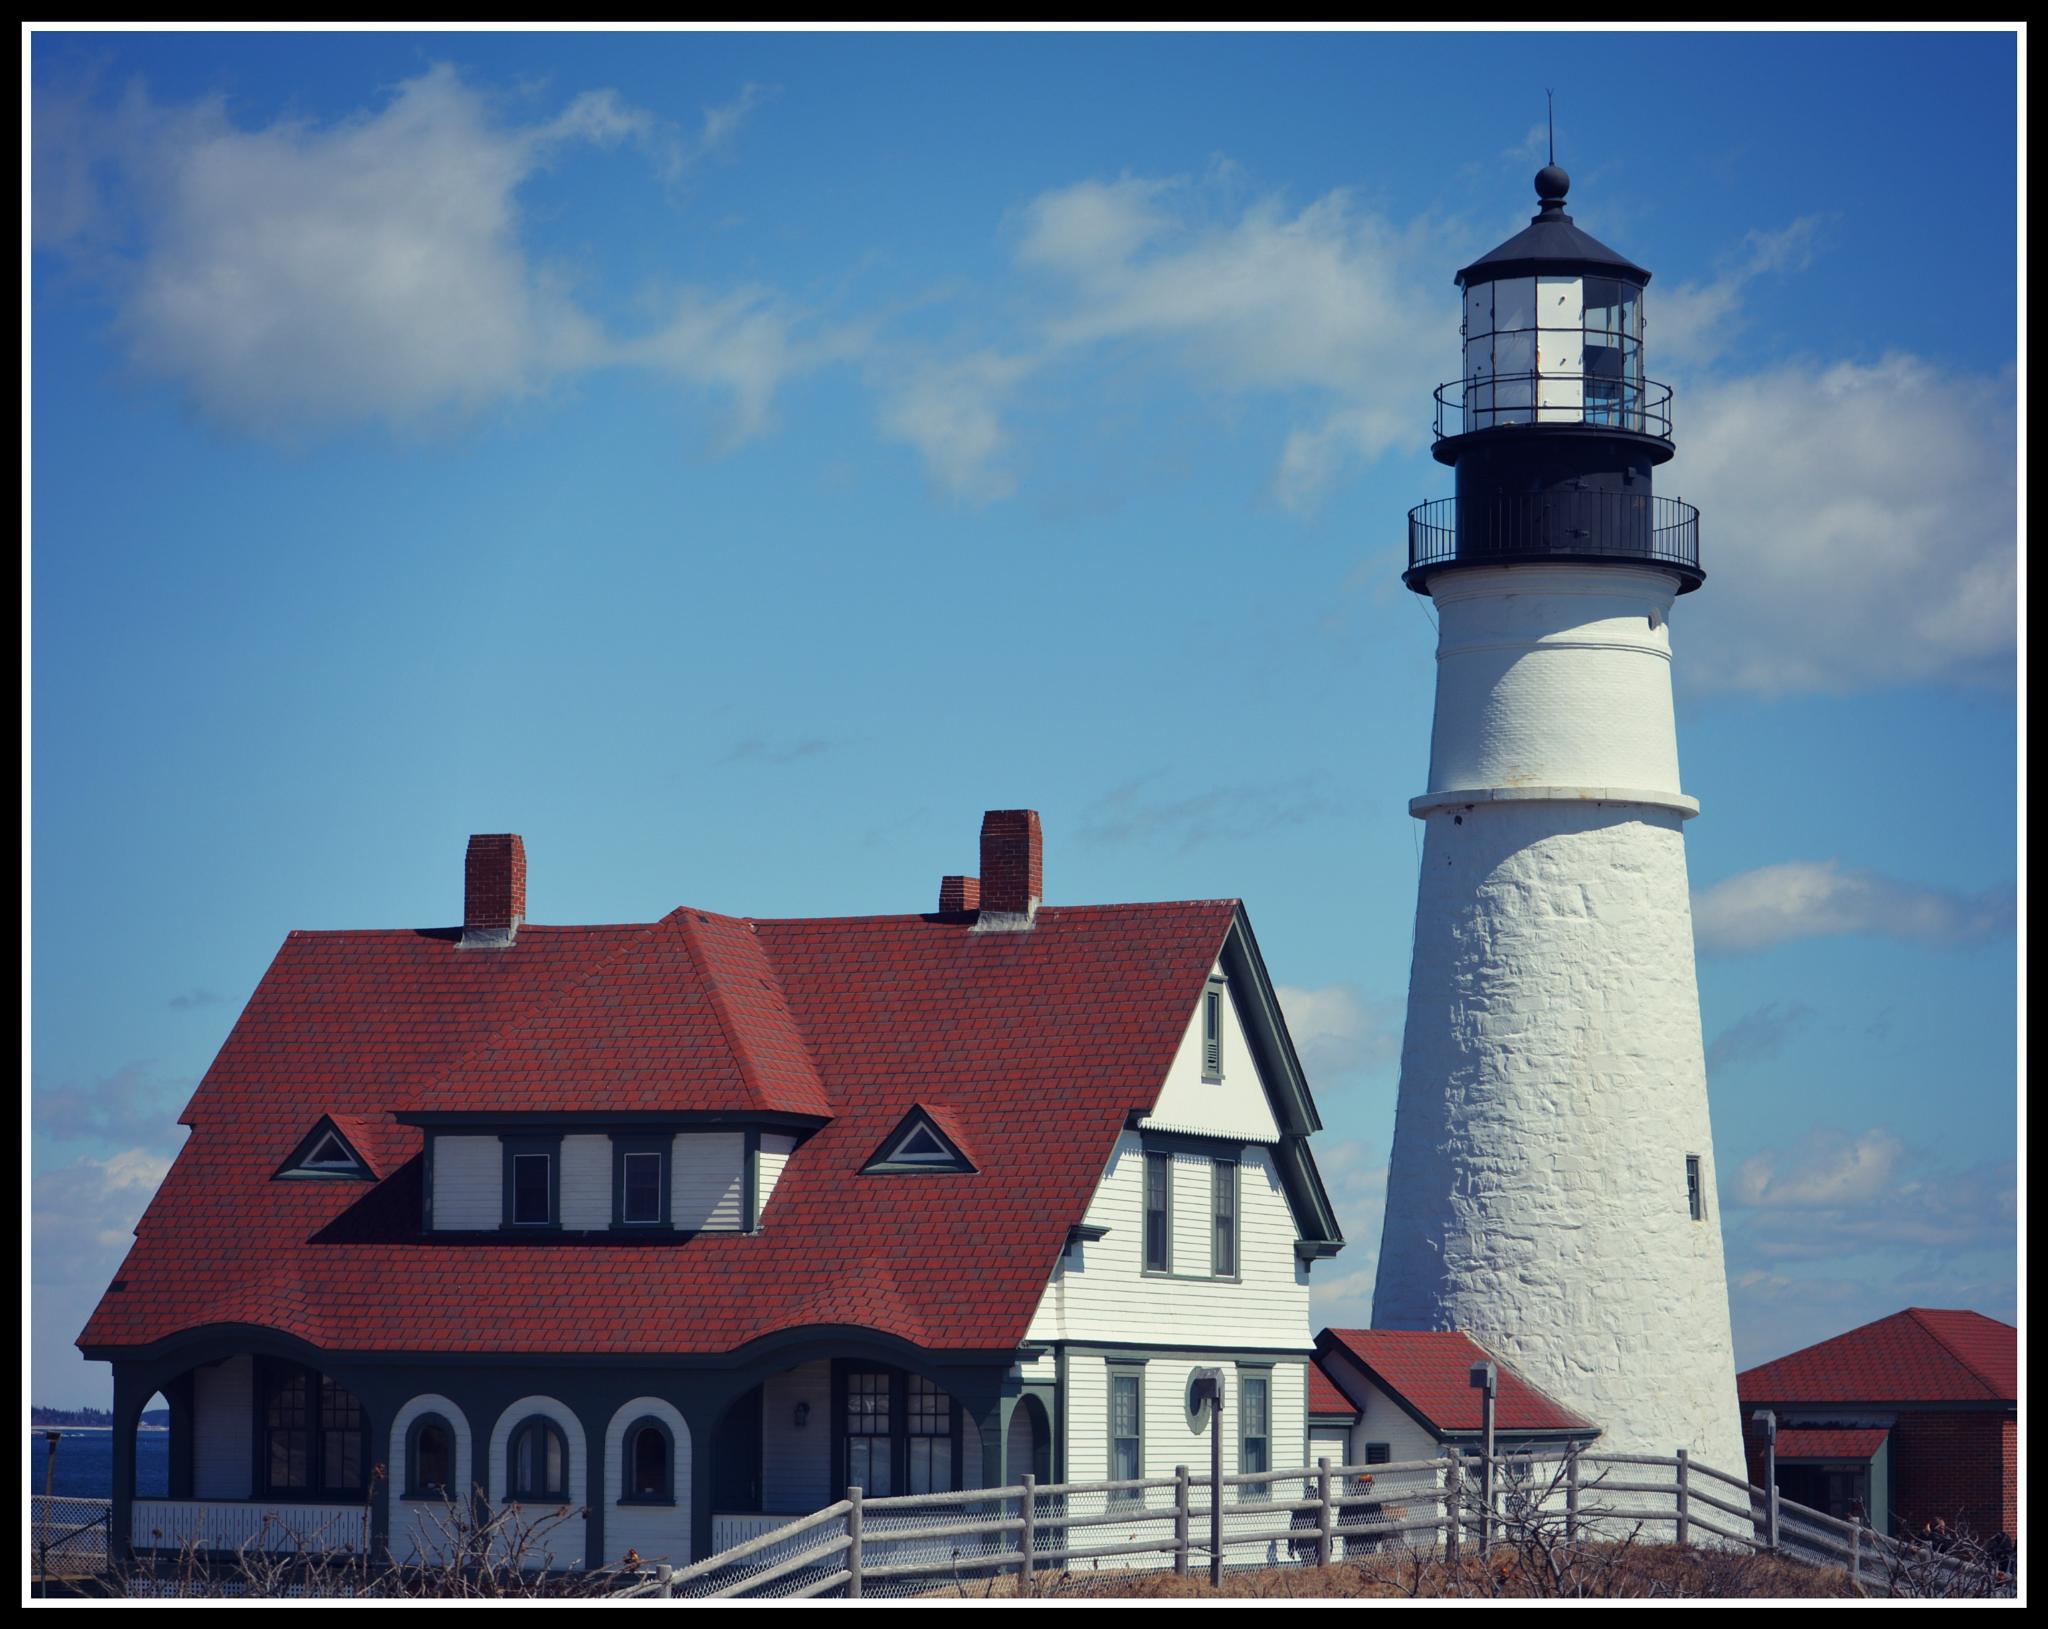 Port Head Light House by laurabond.shinn